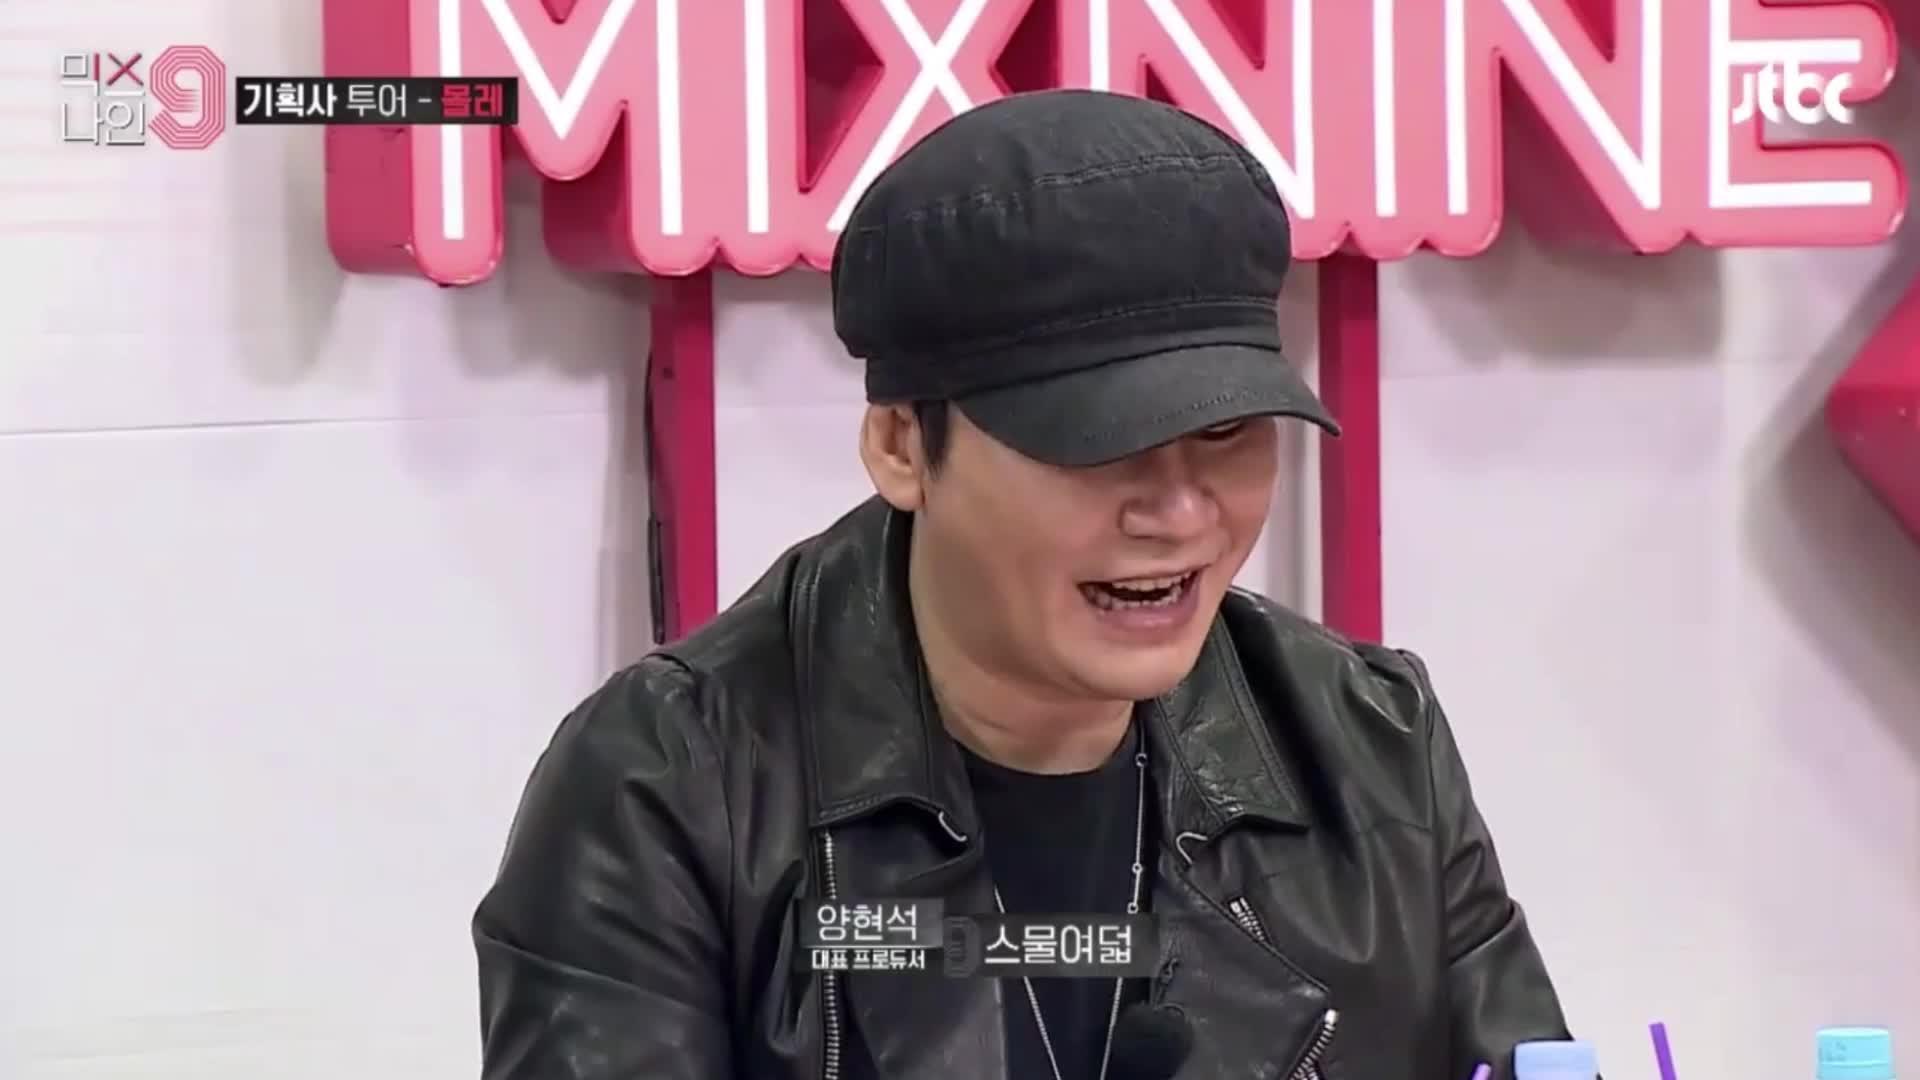 Chủ tịch YG bị cư dân mạng chỉ trích vì phản ứng thô lỗ với thực tập sinh lớn tuổi trong show Mixnine